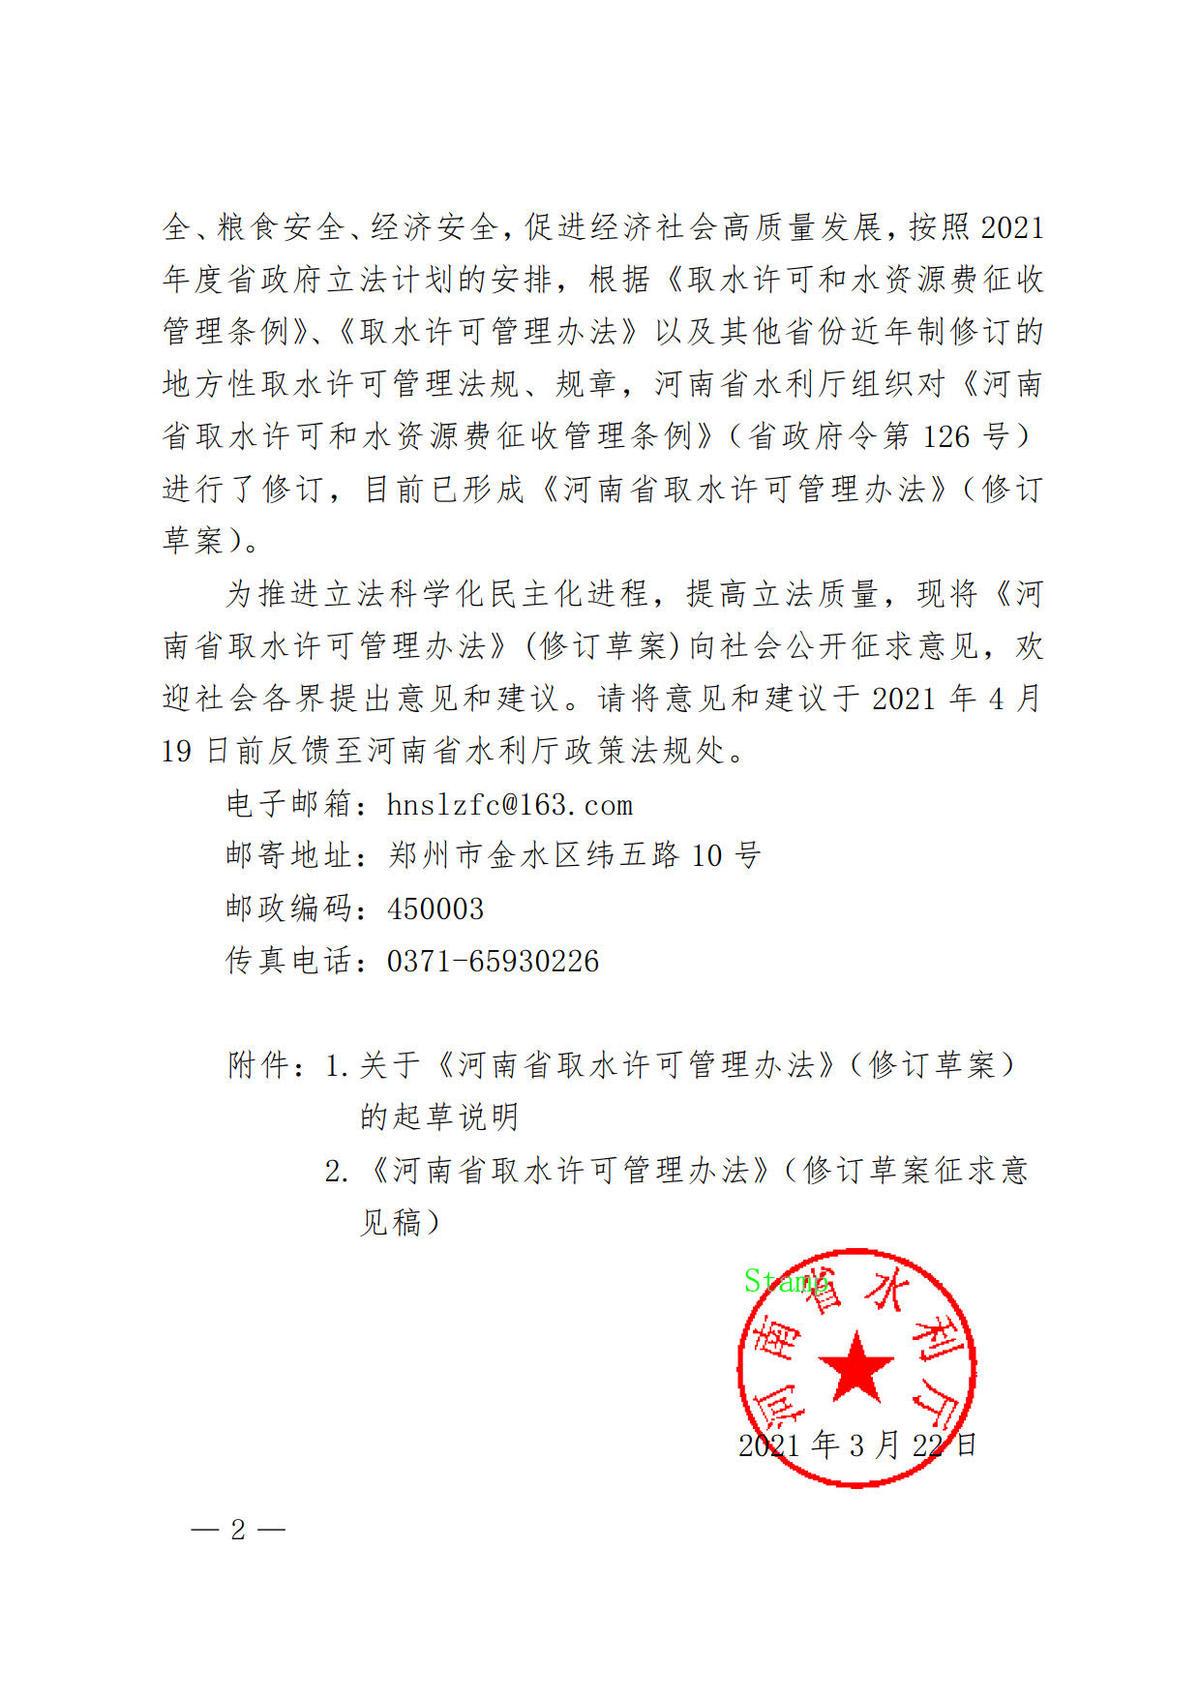 河南省水利厅关于征求《河南省取水许可管理办法》(修订草案)意见建议的公告